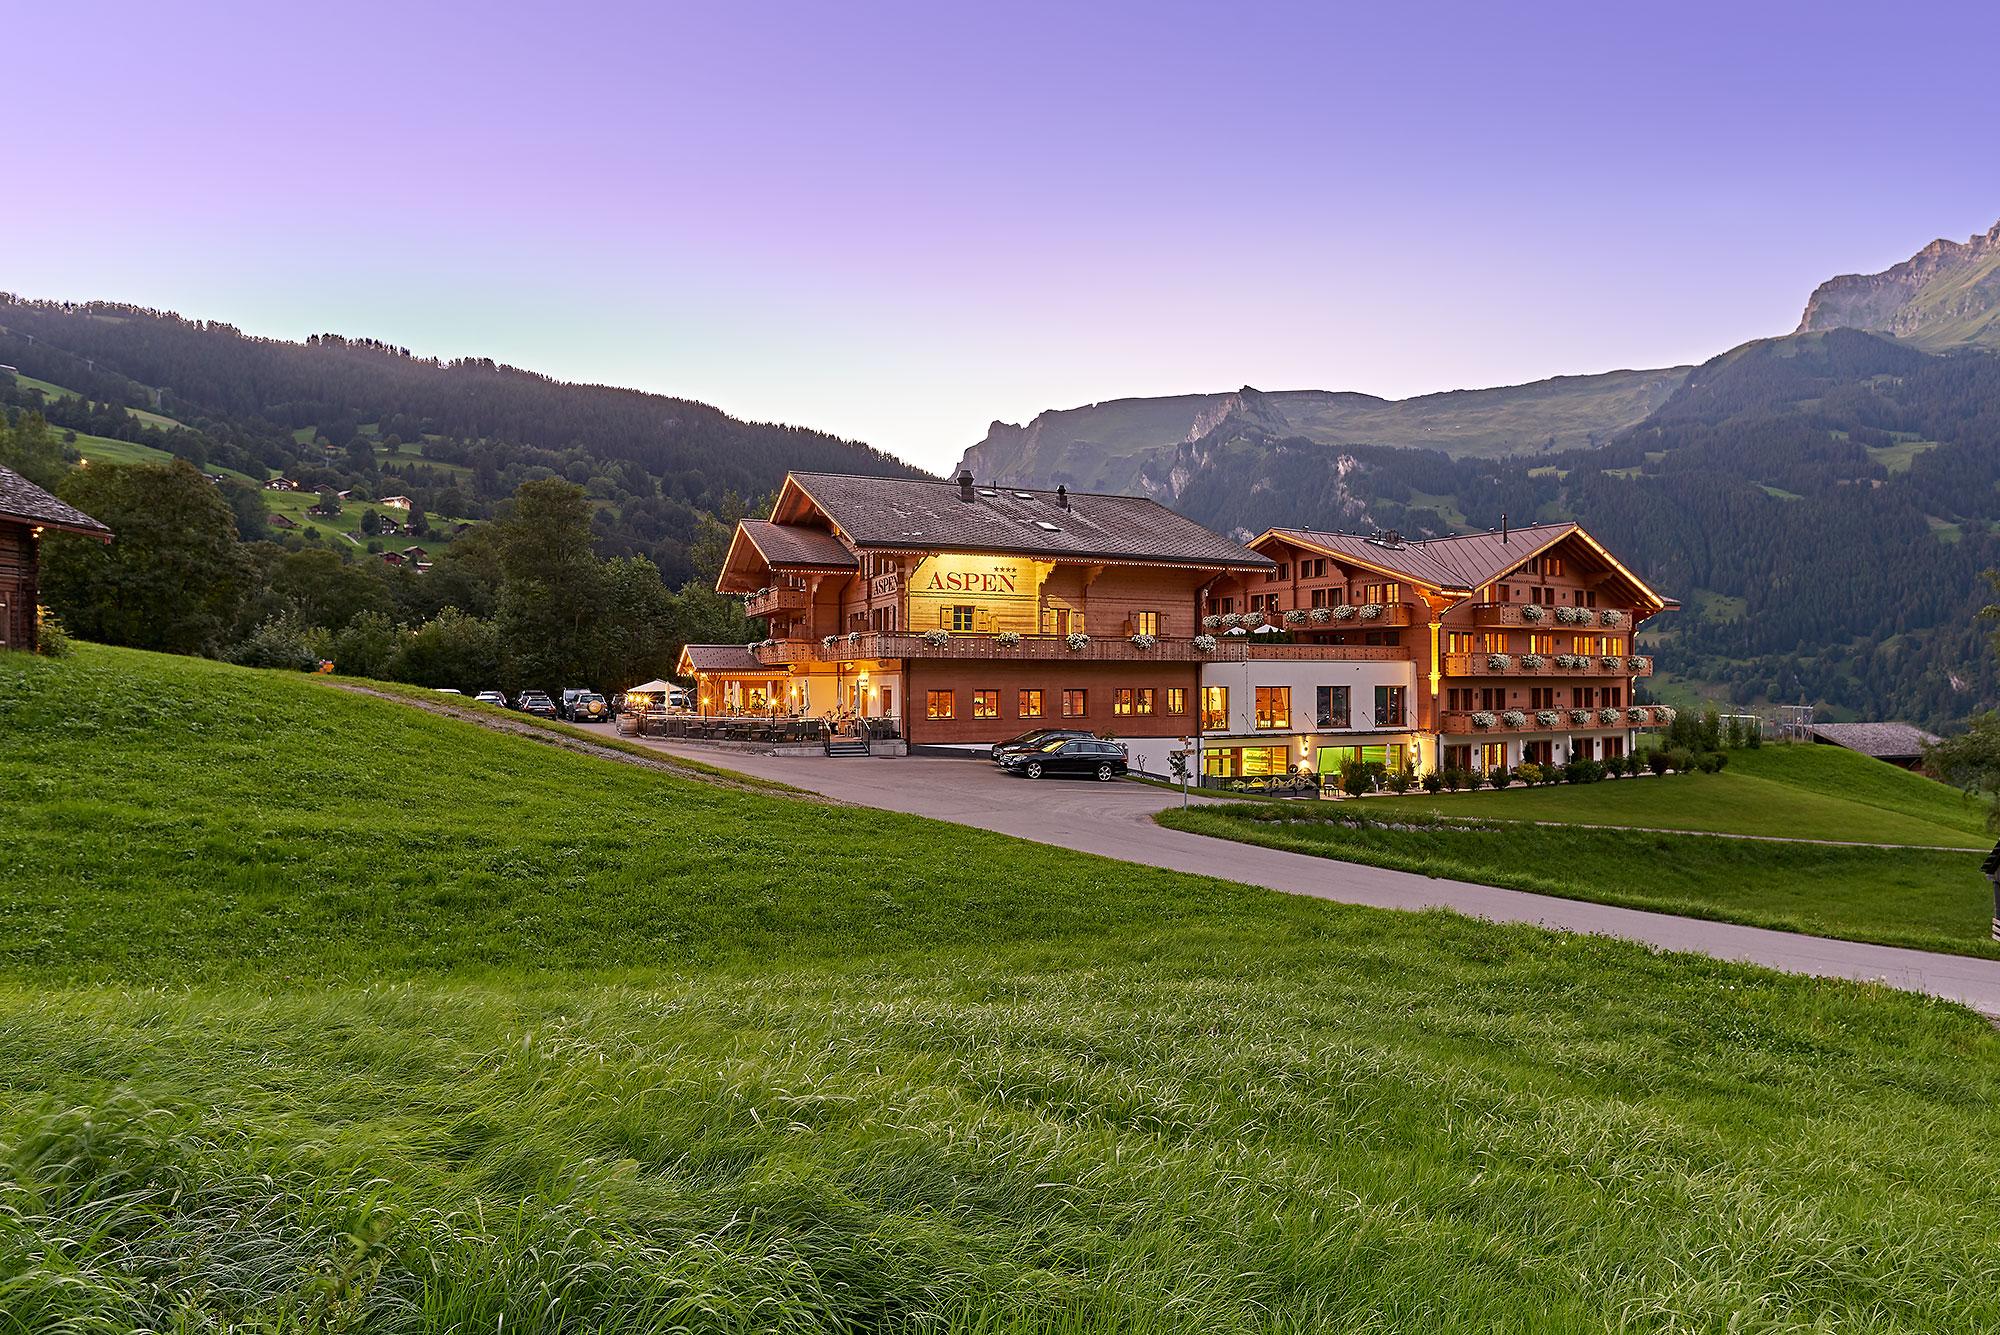 Hotel Aspen Grindelwald, Foto der Außenarchitektur der Hotelanlage